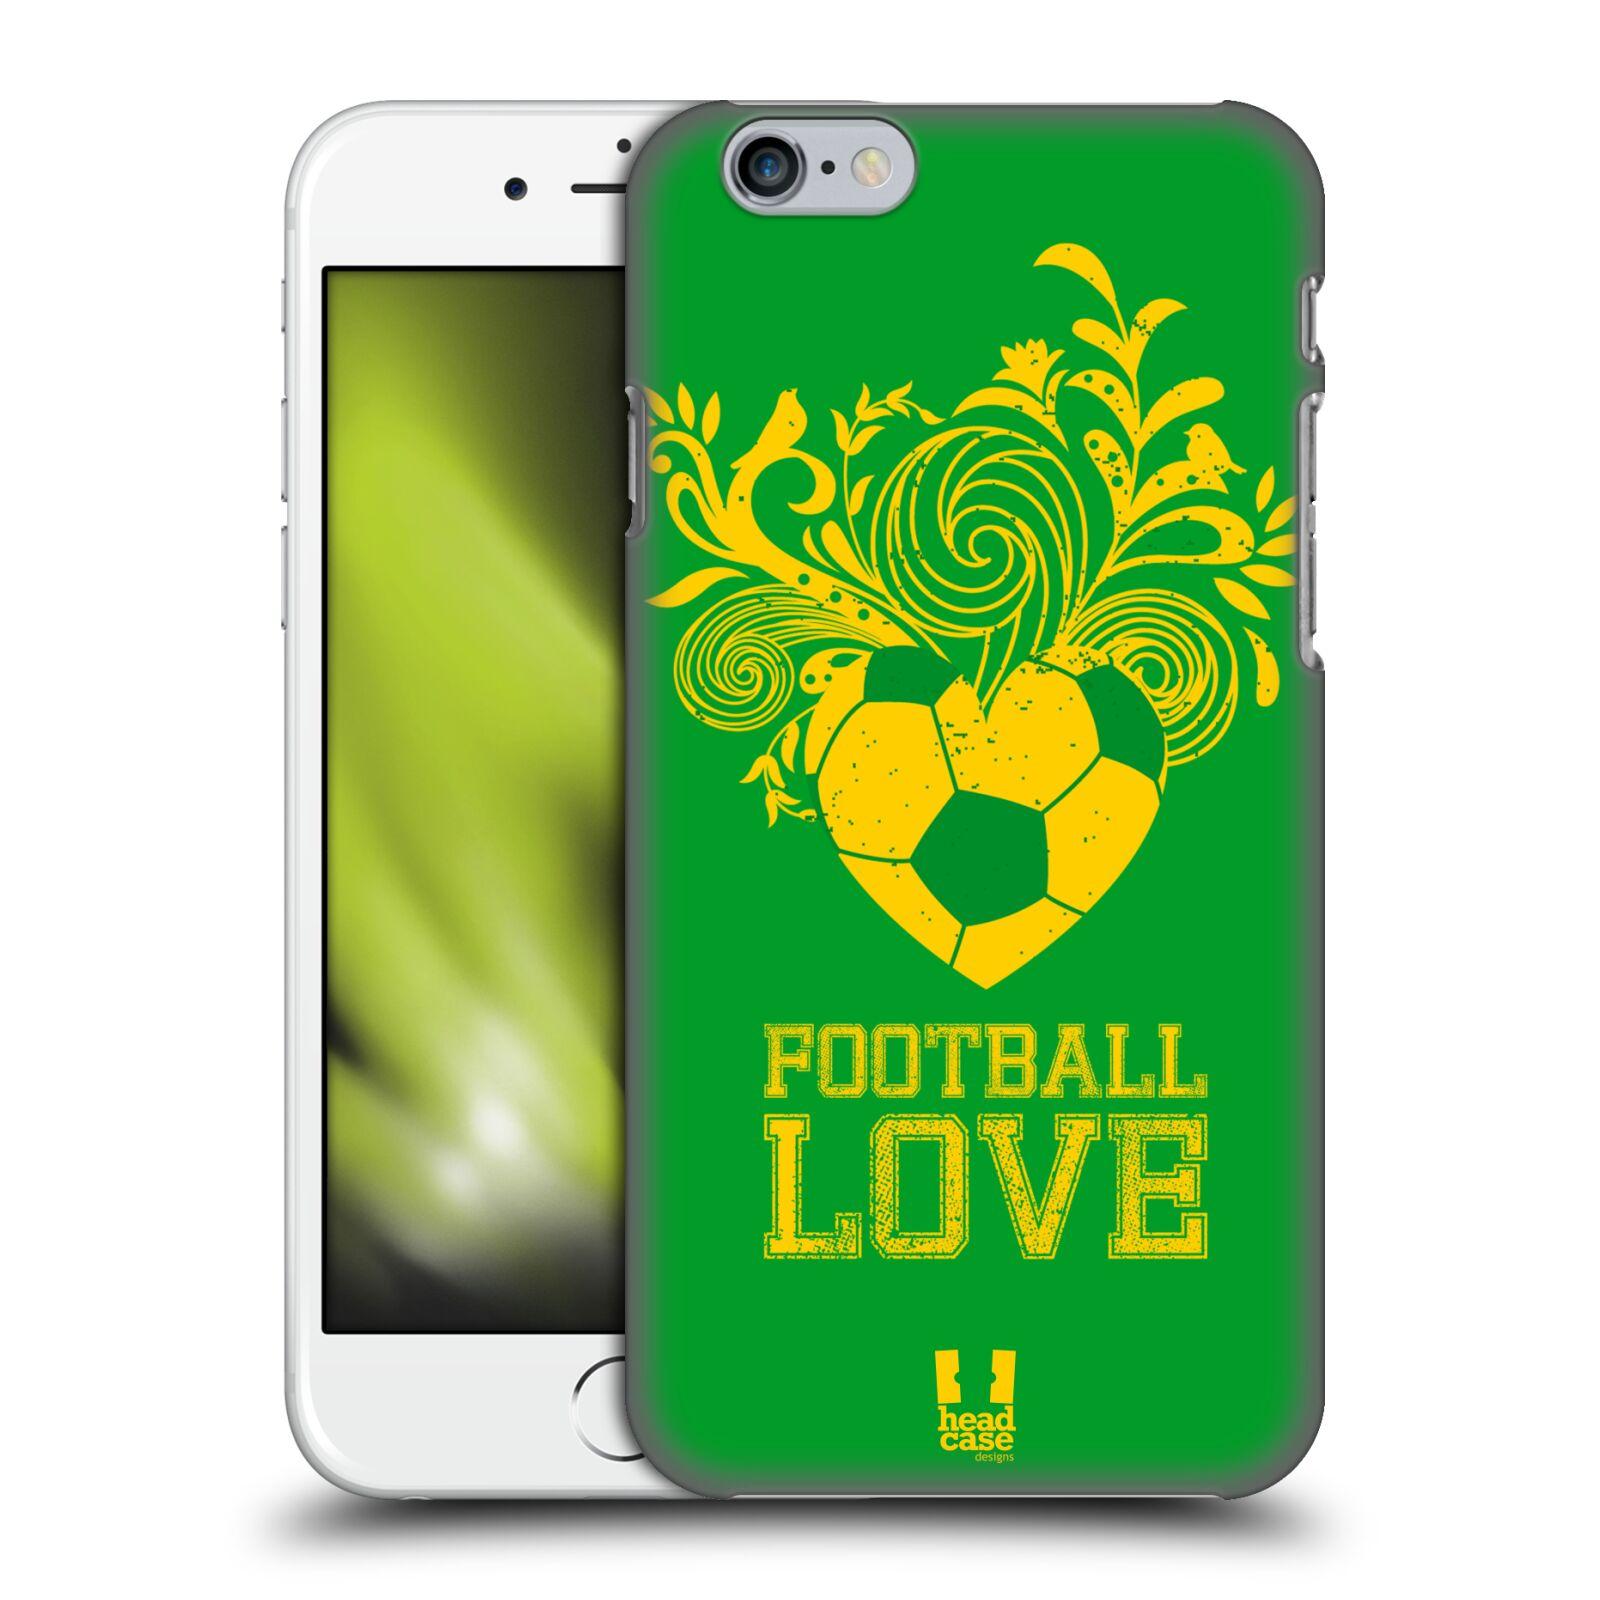 Plastové pouzdro pro mobil Apple Iphone 6/6S Sport fotbalová láska zelená barva